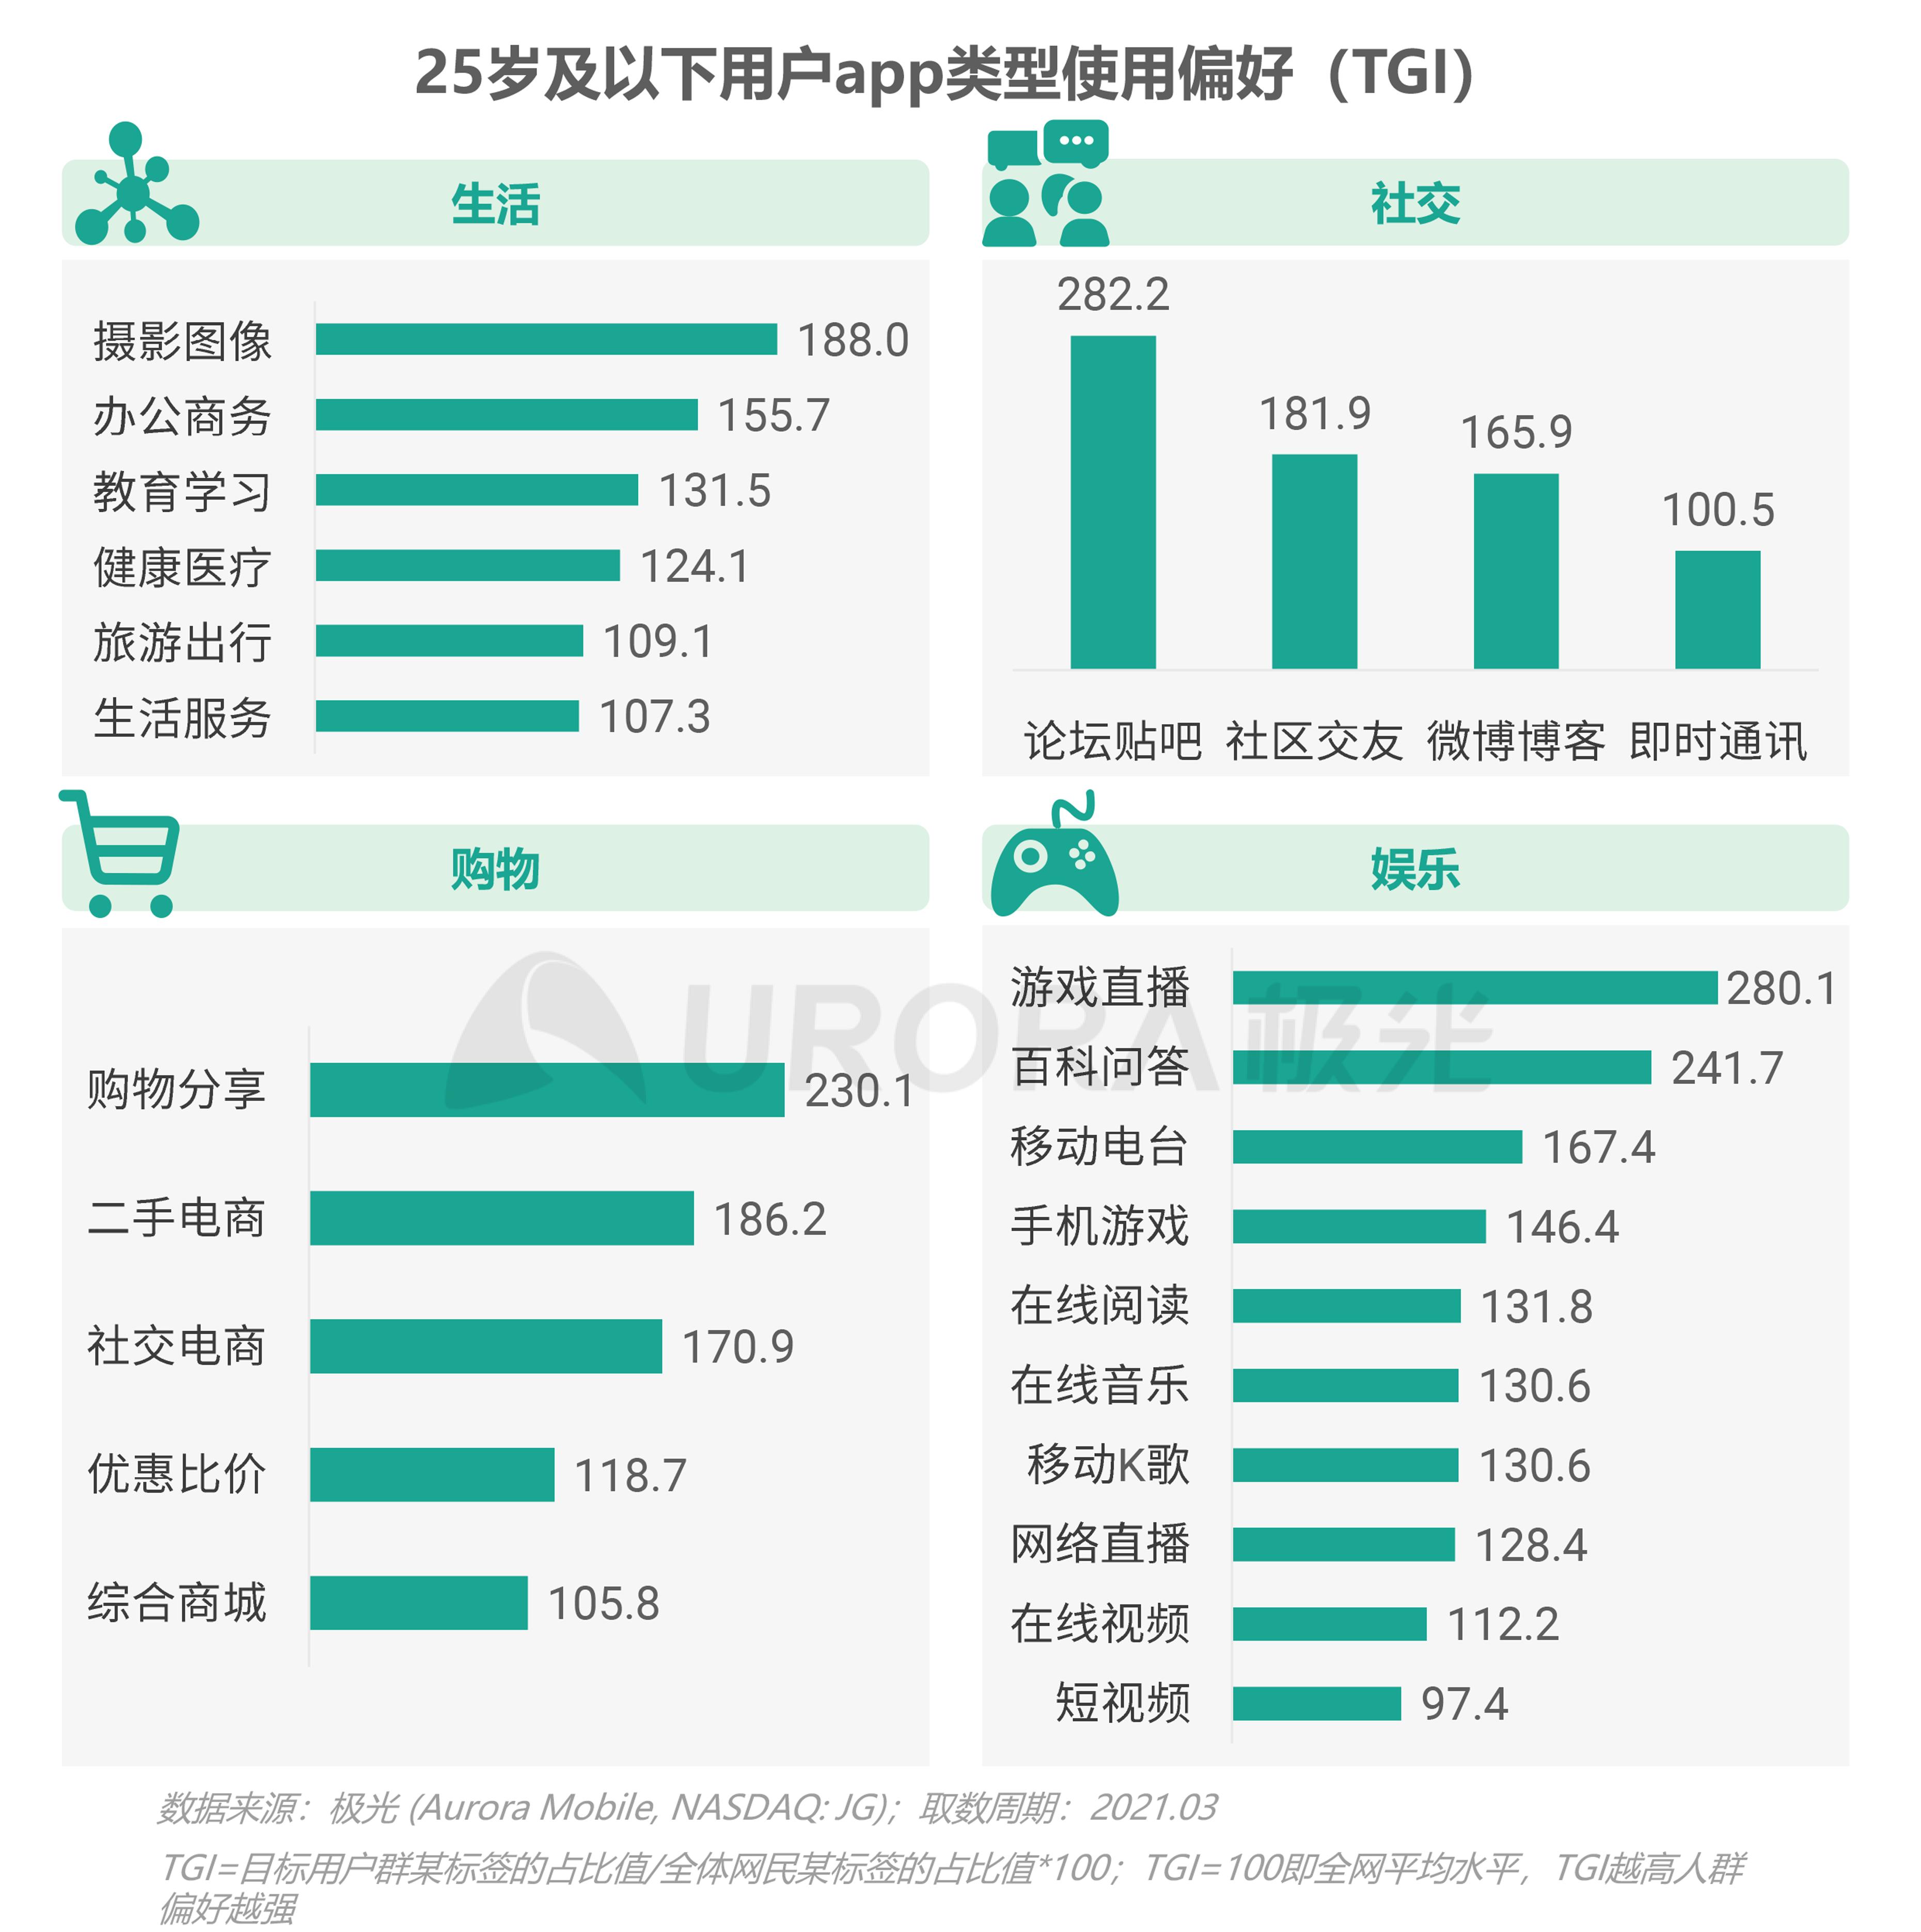 2021年轻人营销趋势研究报告【定稿】-35.png